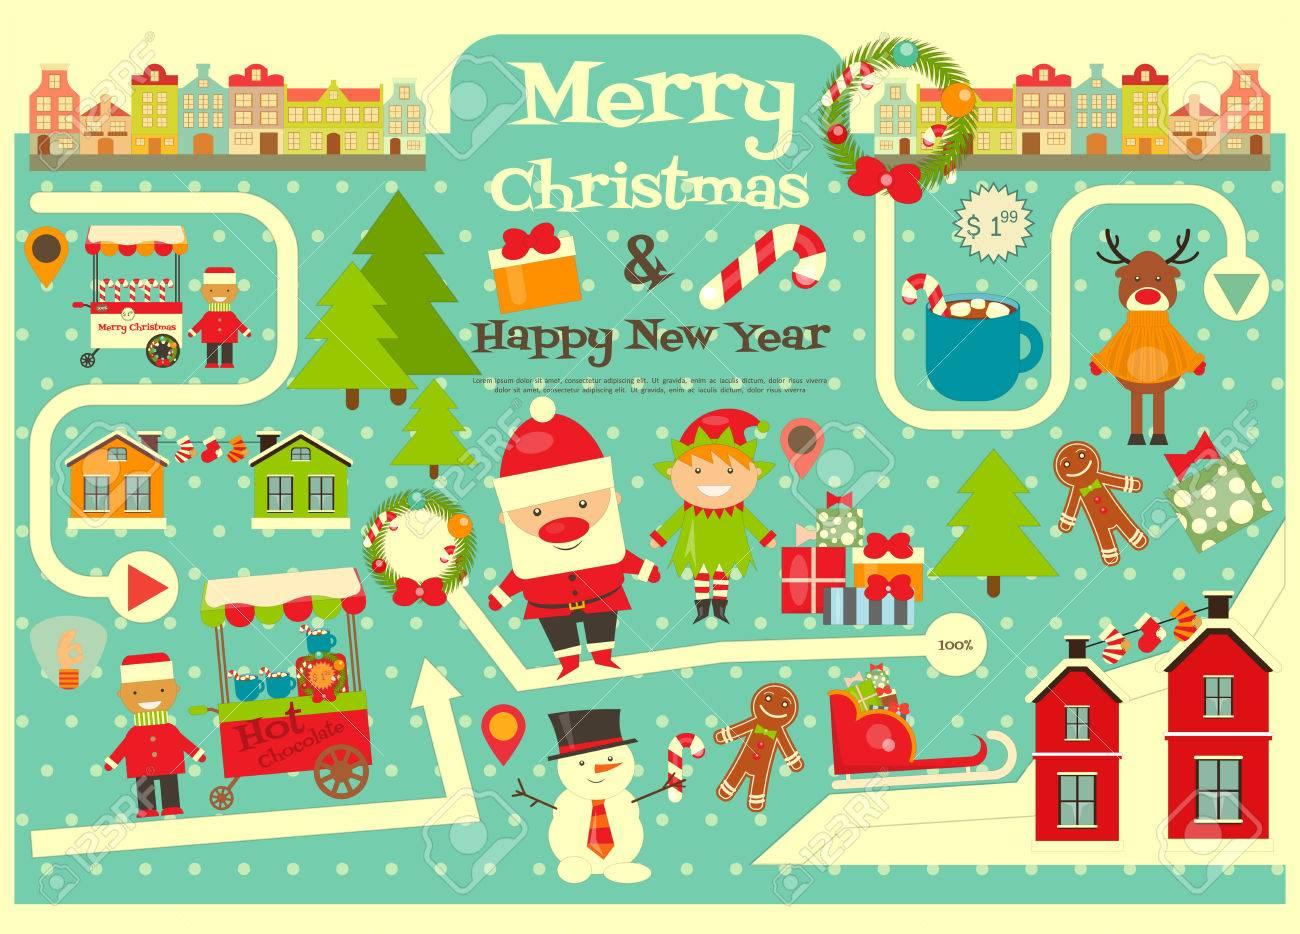 Babbo Natale Mappa.Vettoriale Caratteri Di Natale Su Mappa Della Citta Il Babbo Natale Sveglio Su Infografica Card Venditori E Camion Con Cibo Di Natale Illustrazione Vettoriale Image 46560040